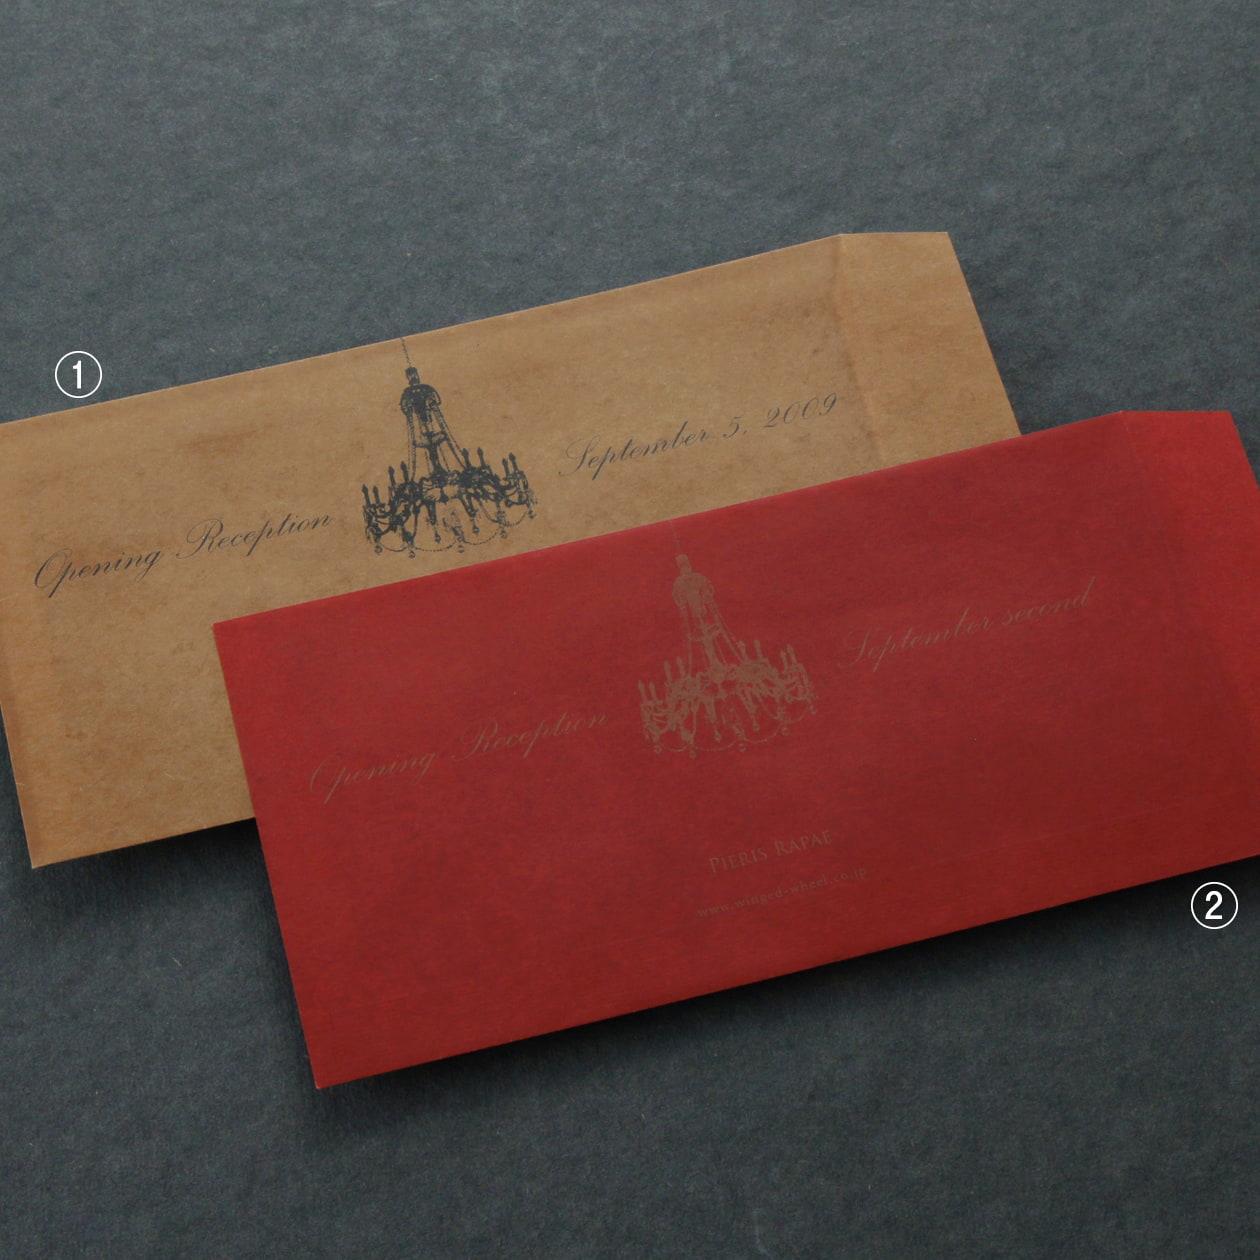 届いた時に印象深いロウ引きの封筒